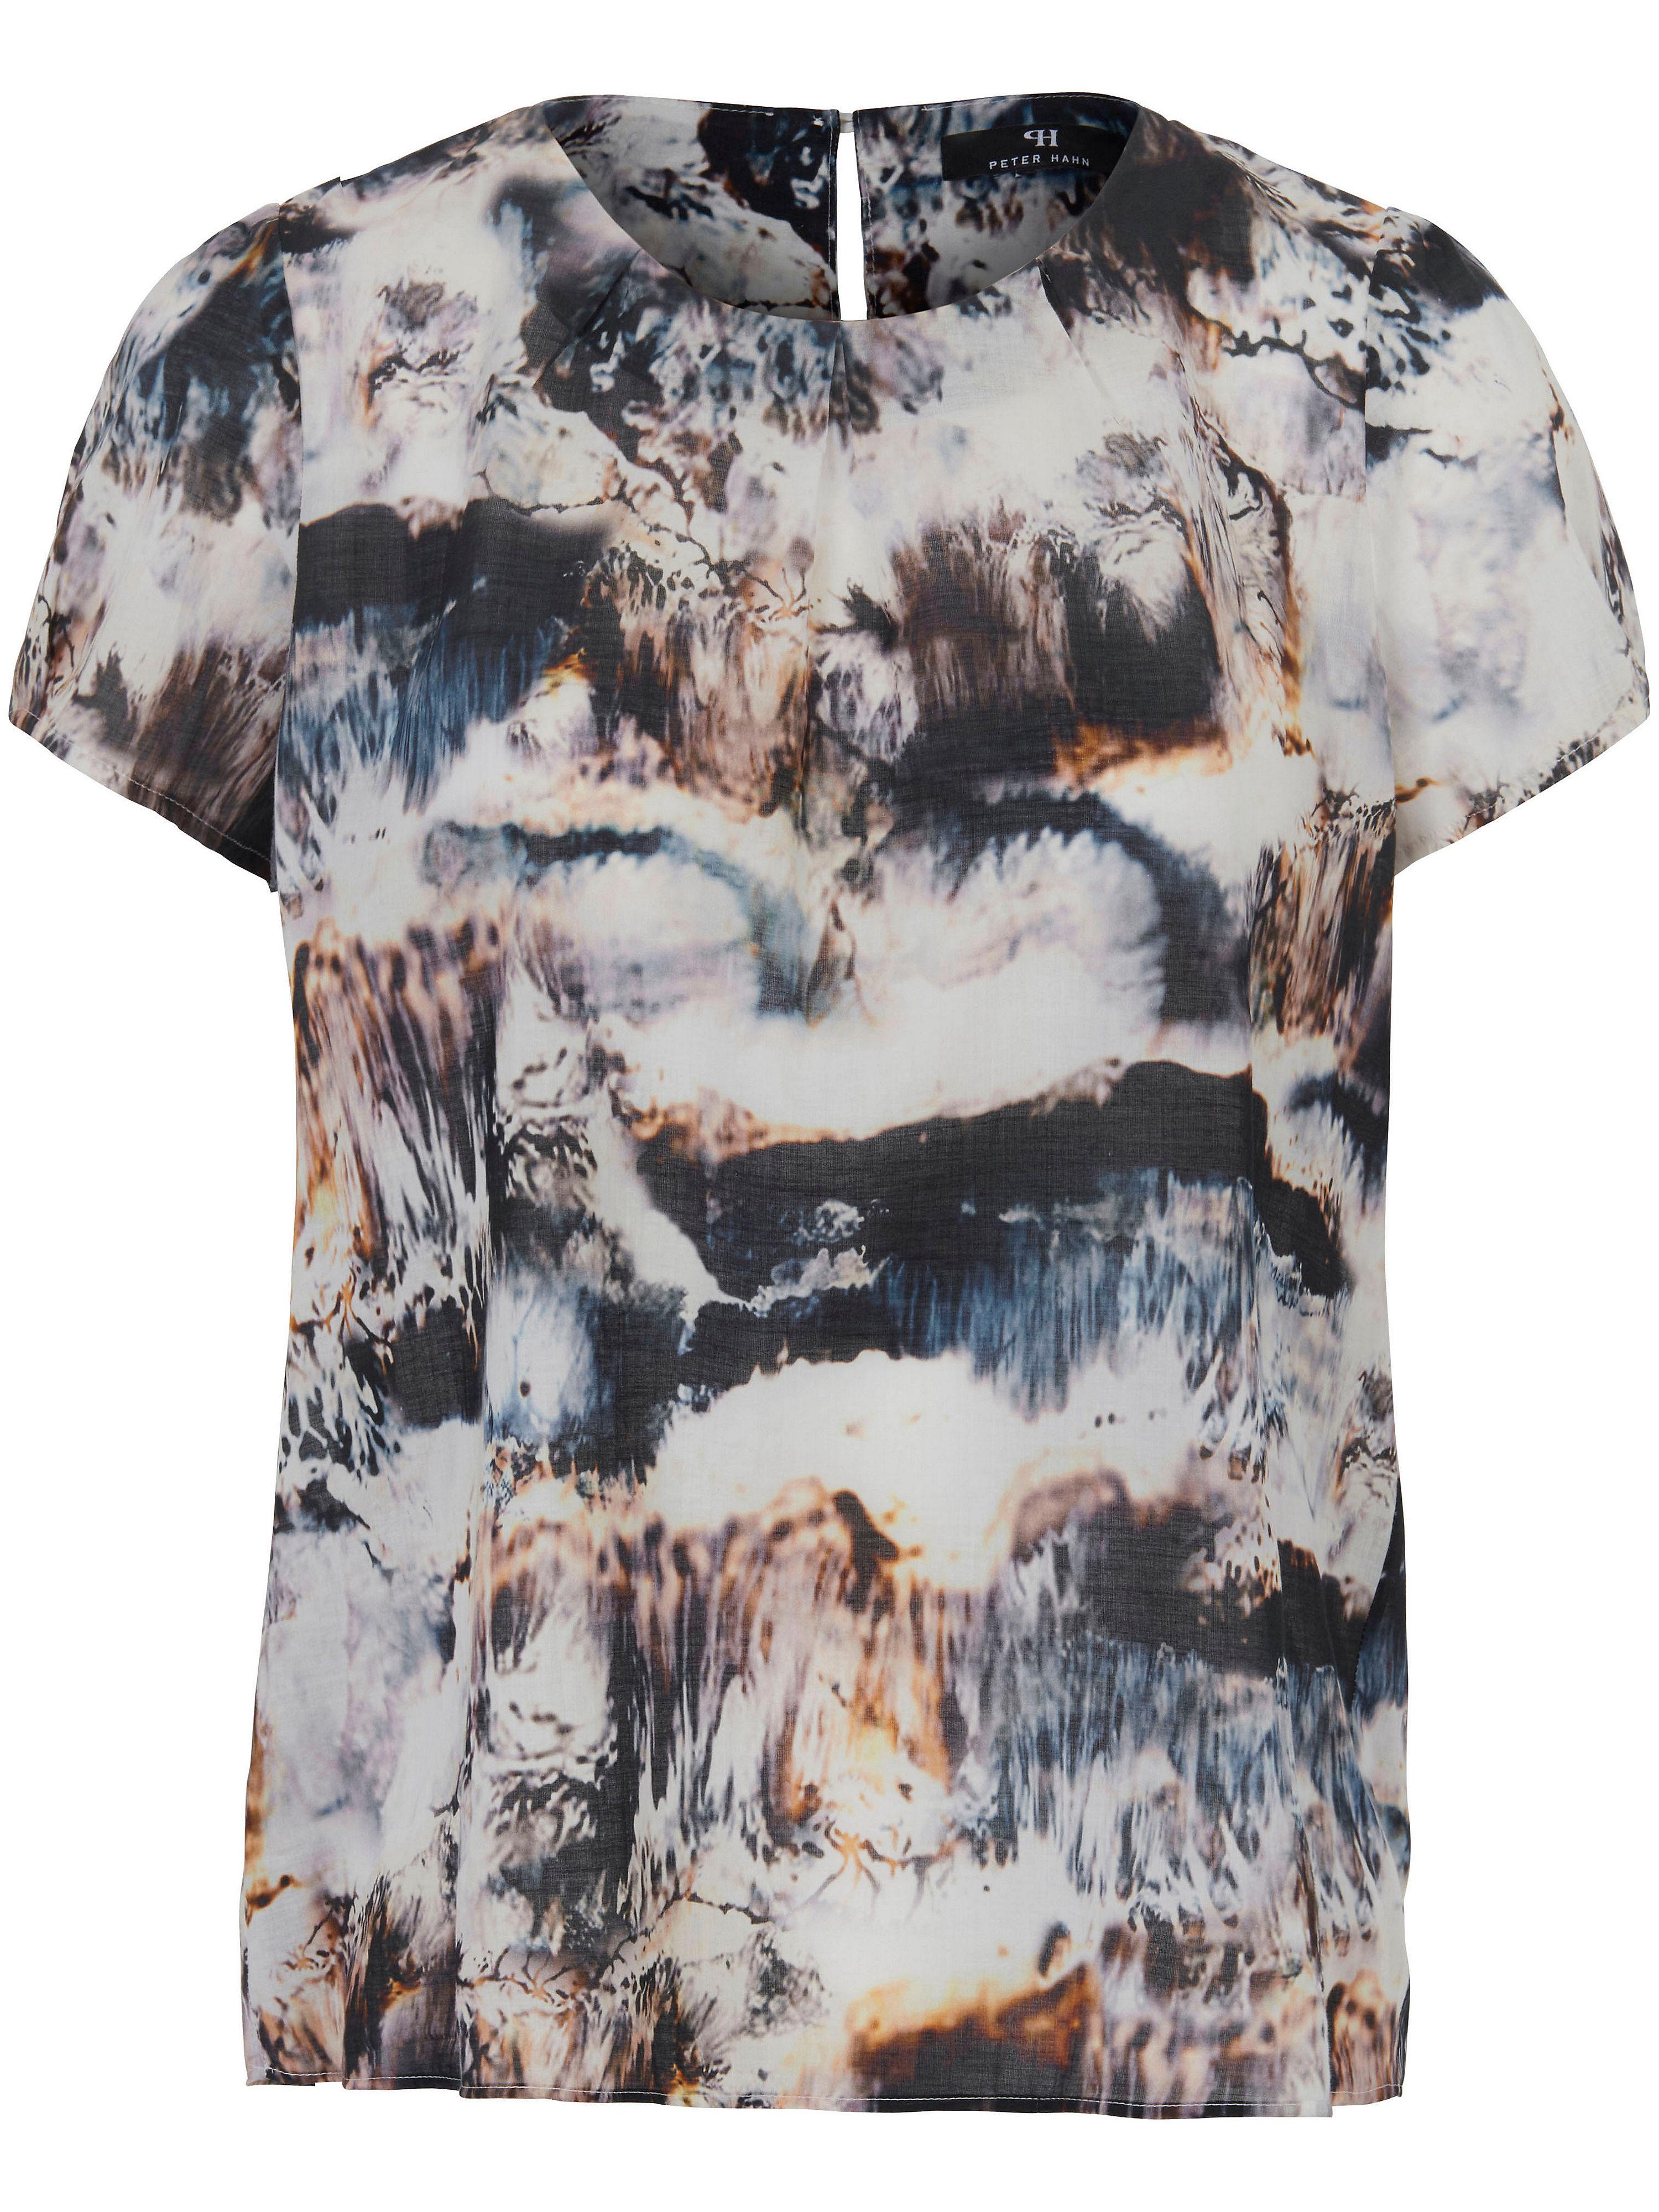 Blusen-Shirt aus 100% Baumwolle Peter Hahn mehrfarbig Größe: 42 von Peter Hahn - DE in black - Schwarz für 39,95€